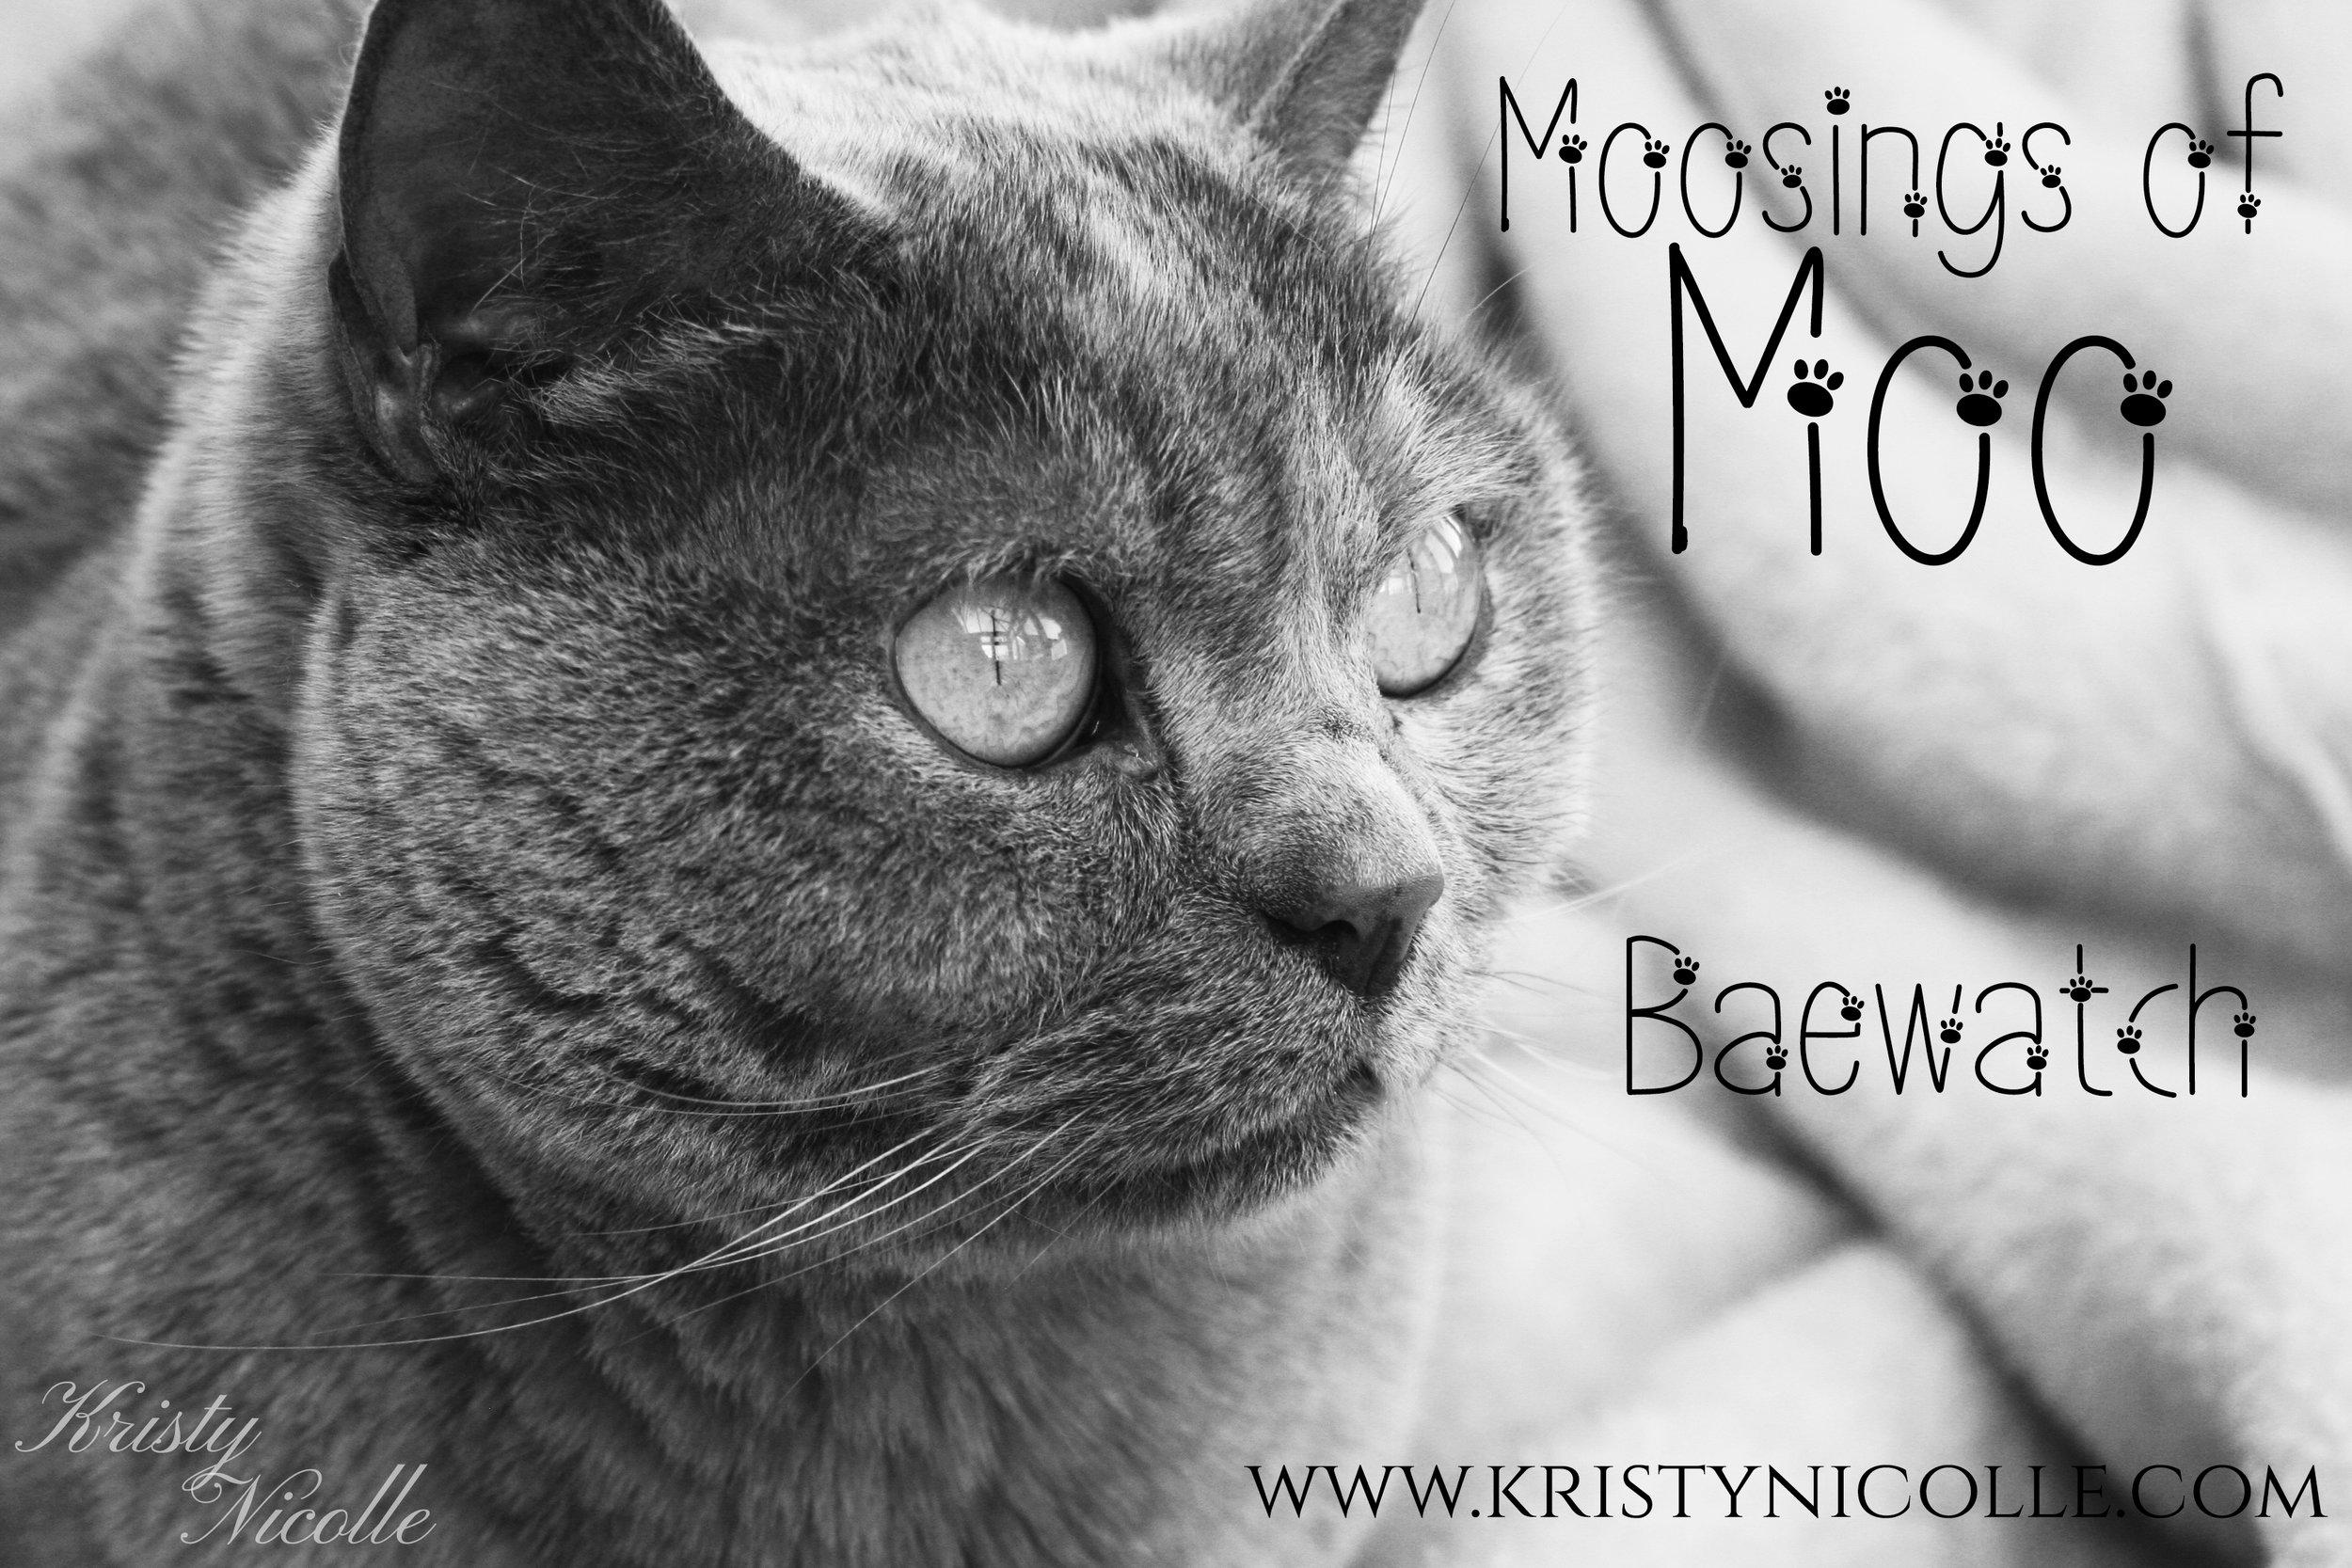 moosings of moo banner baewatch.jpg